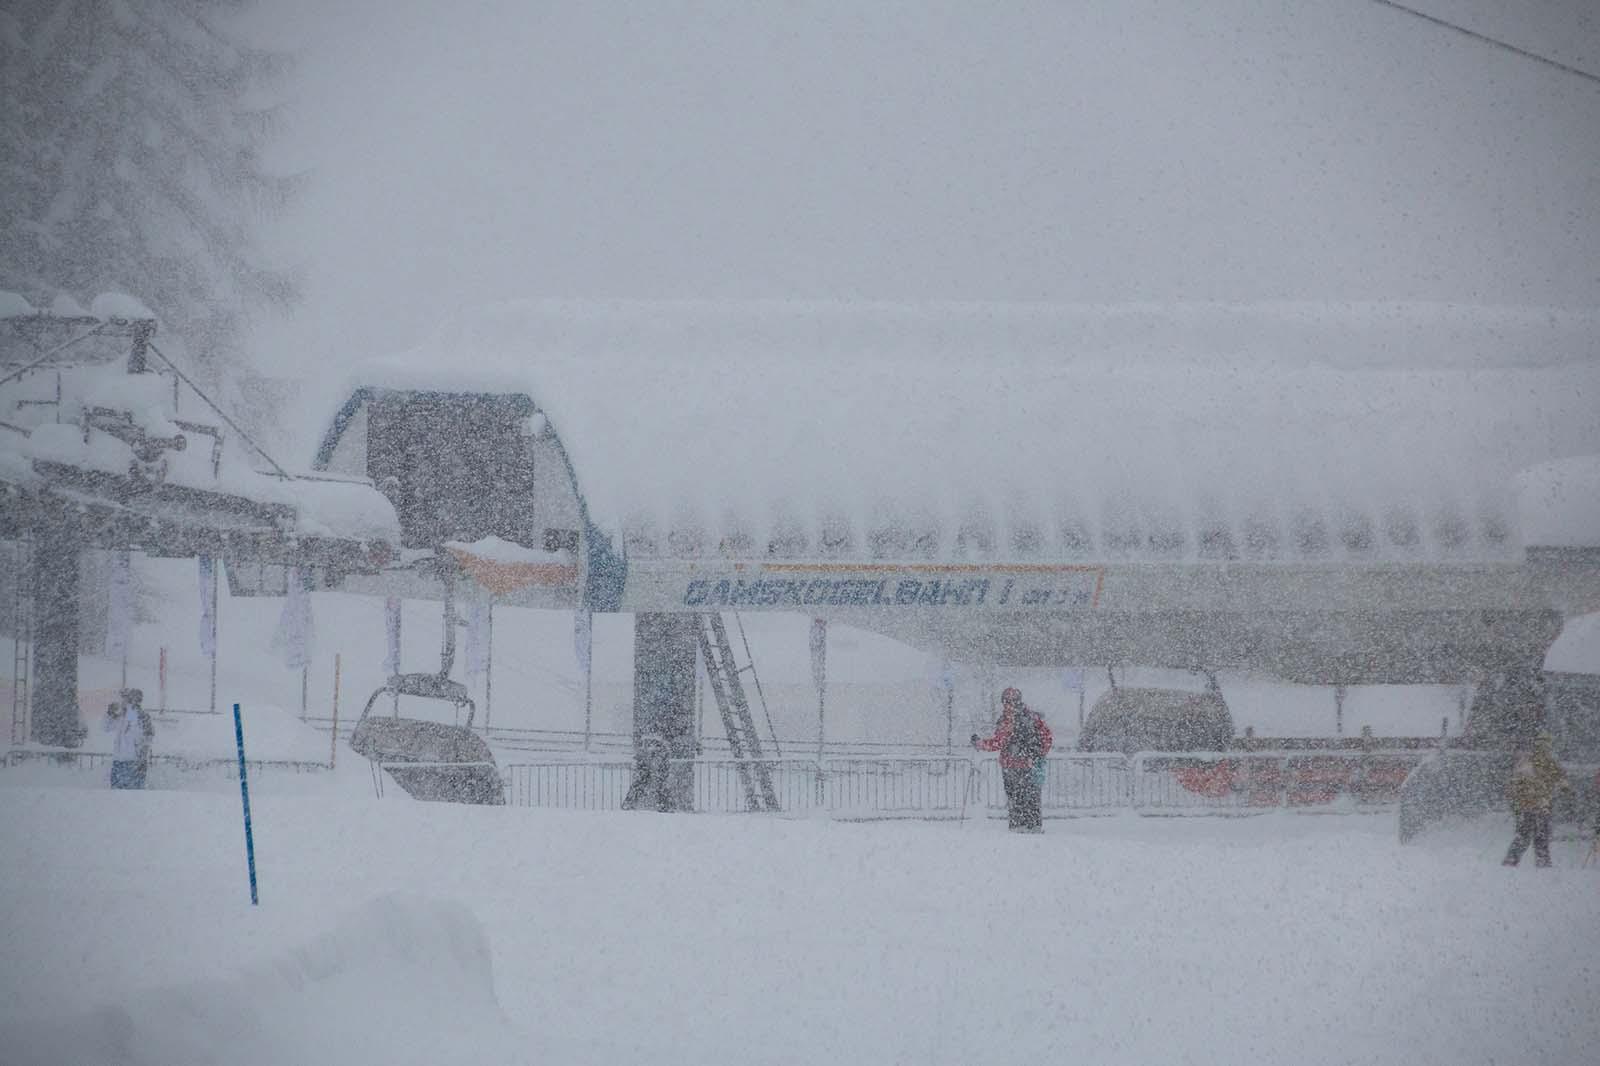 Zauchensee in Winter